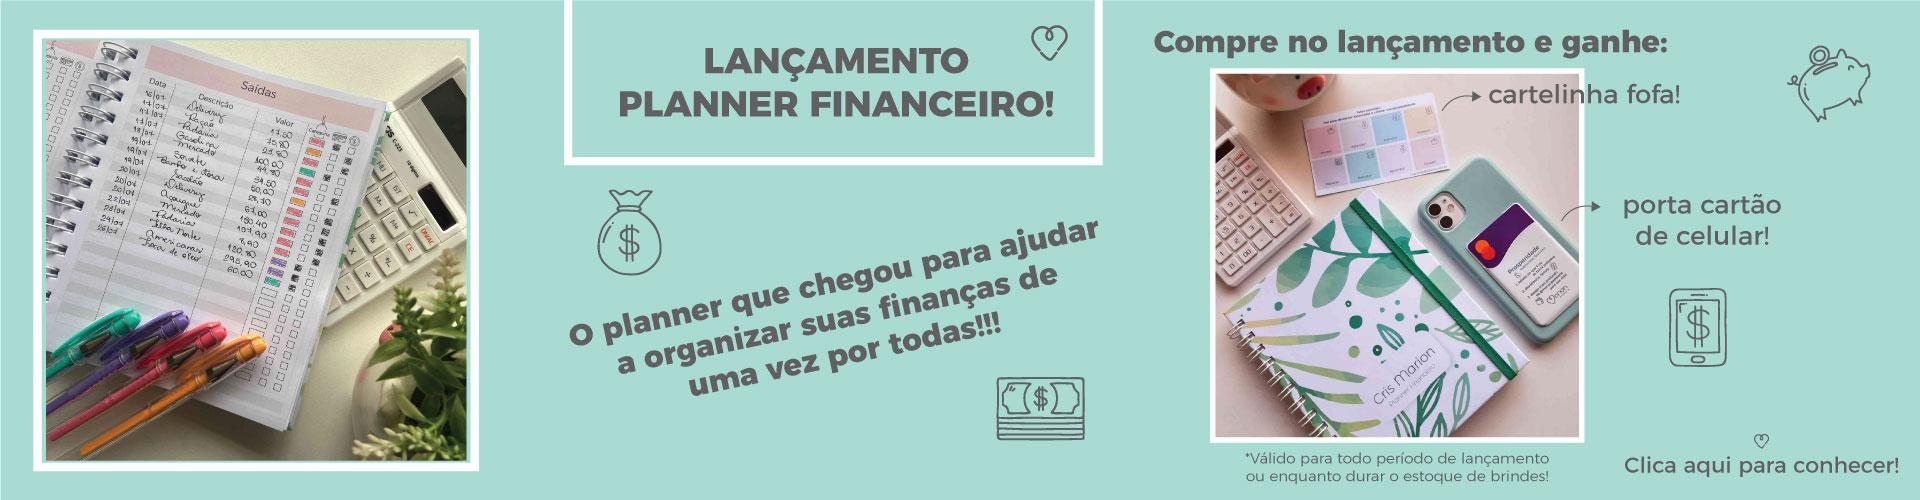 Lançamento Financeiro